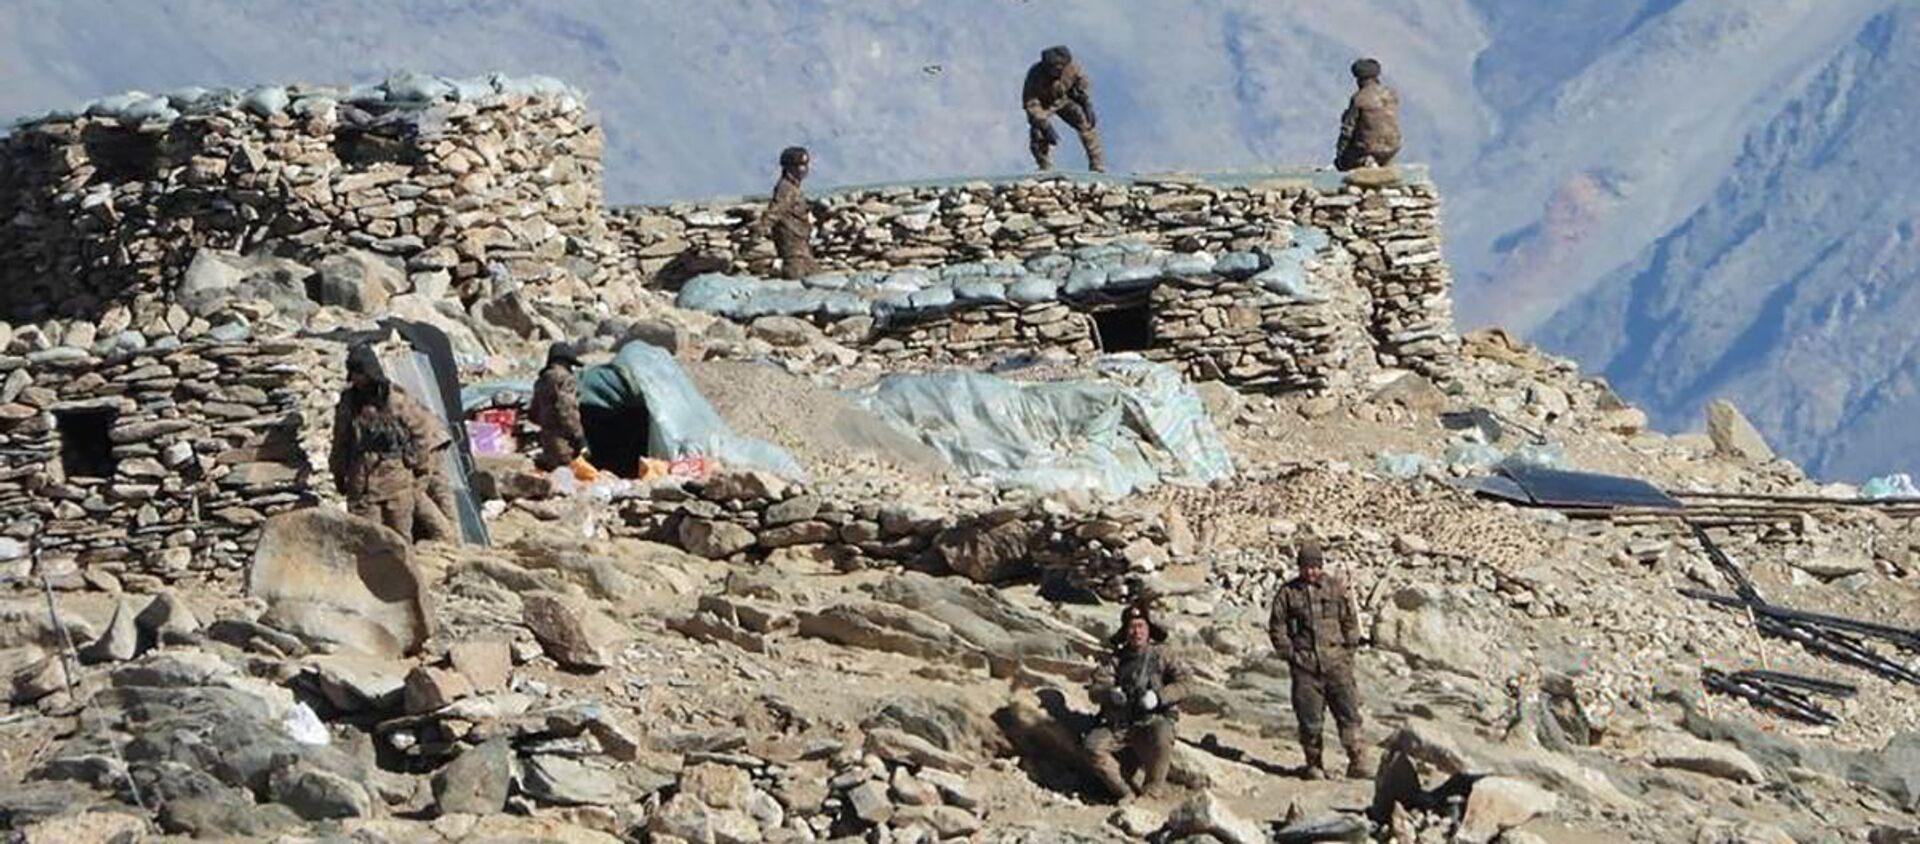 Lính Trung Quốc ở khu vực Ladakh gần ranh giới Ấn-Trung. - Sputnik Việt Nam, 1920, 01.07.2021